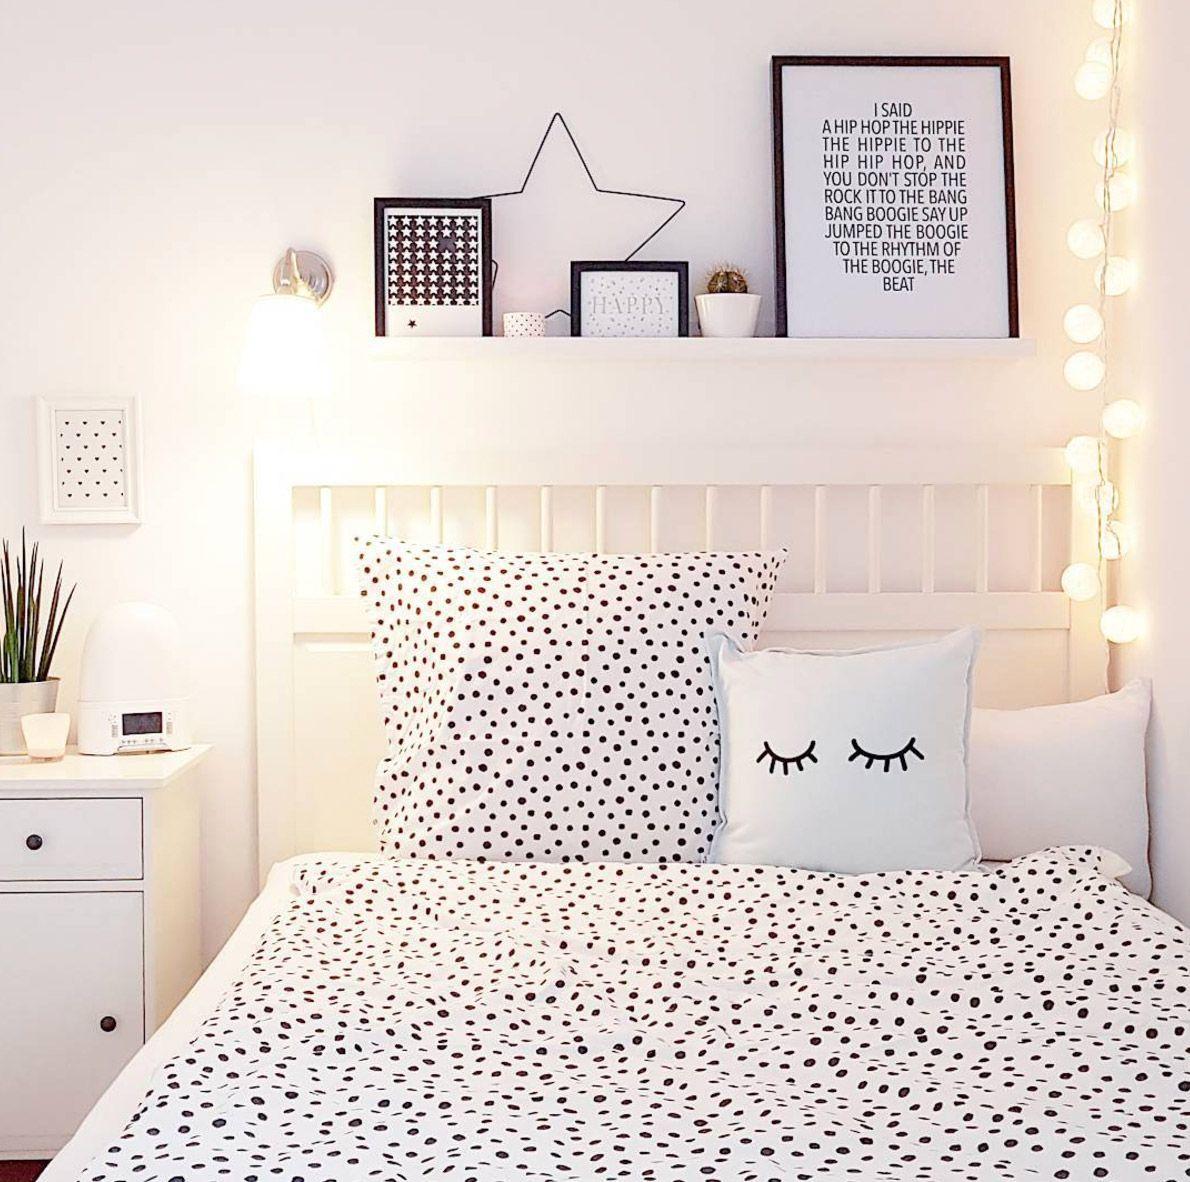 Die Schönsten Ideen Für Deine Wandfarbe: Die Schönsten Schlafzimmerideen Auf Einen Blick